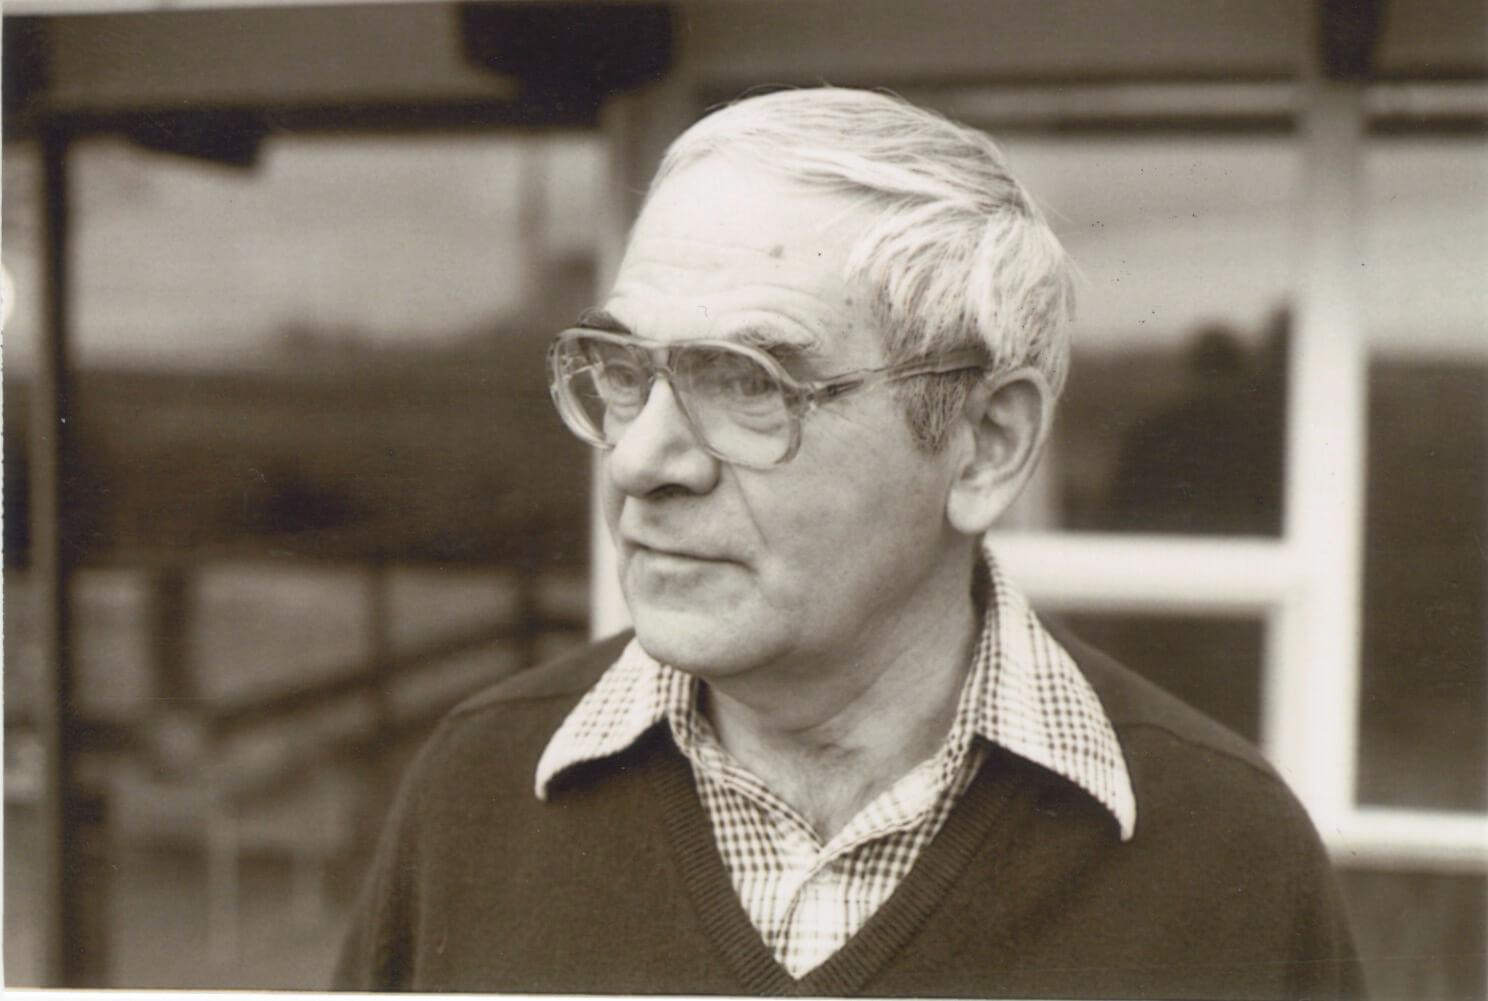 Joe Lasker